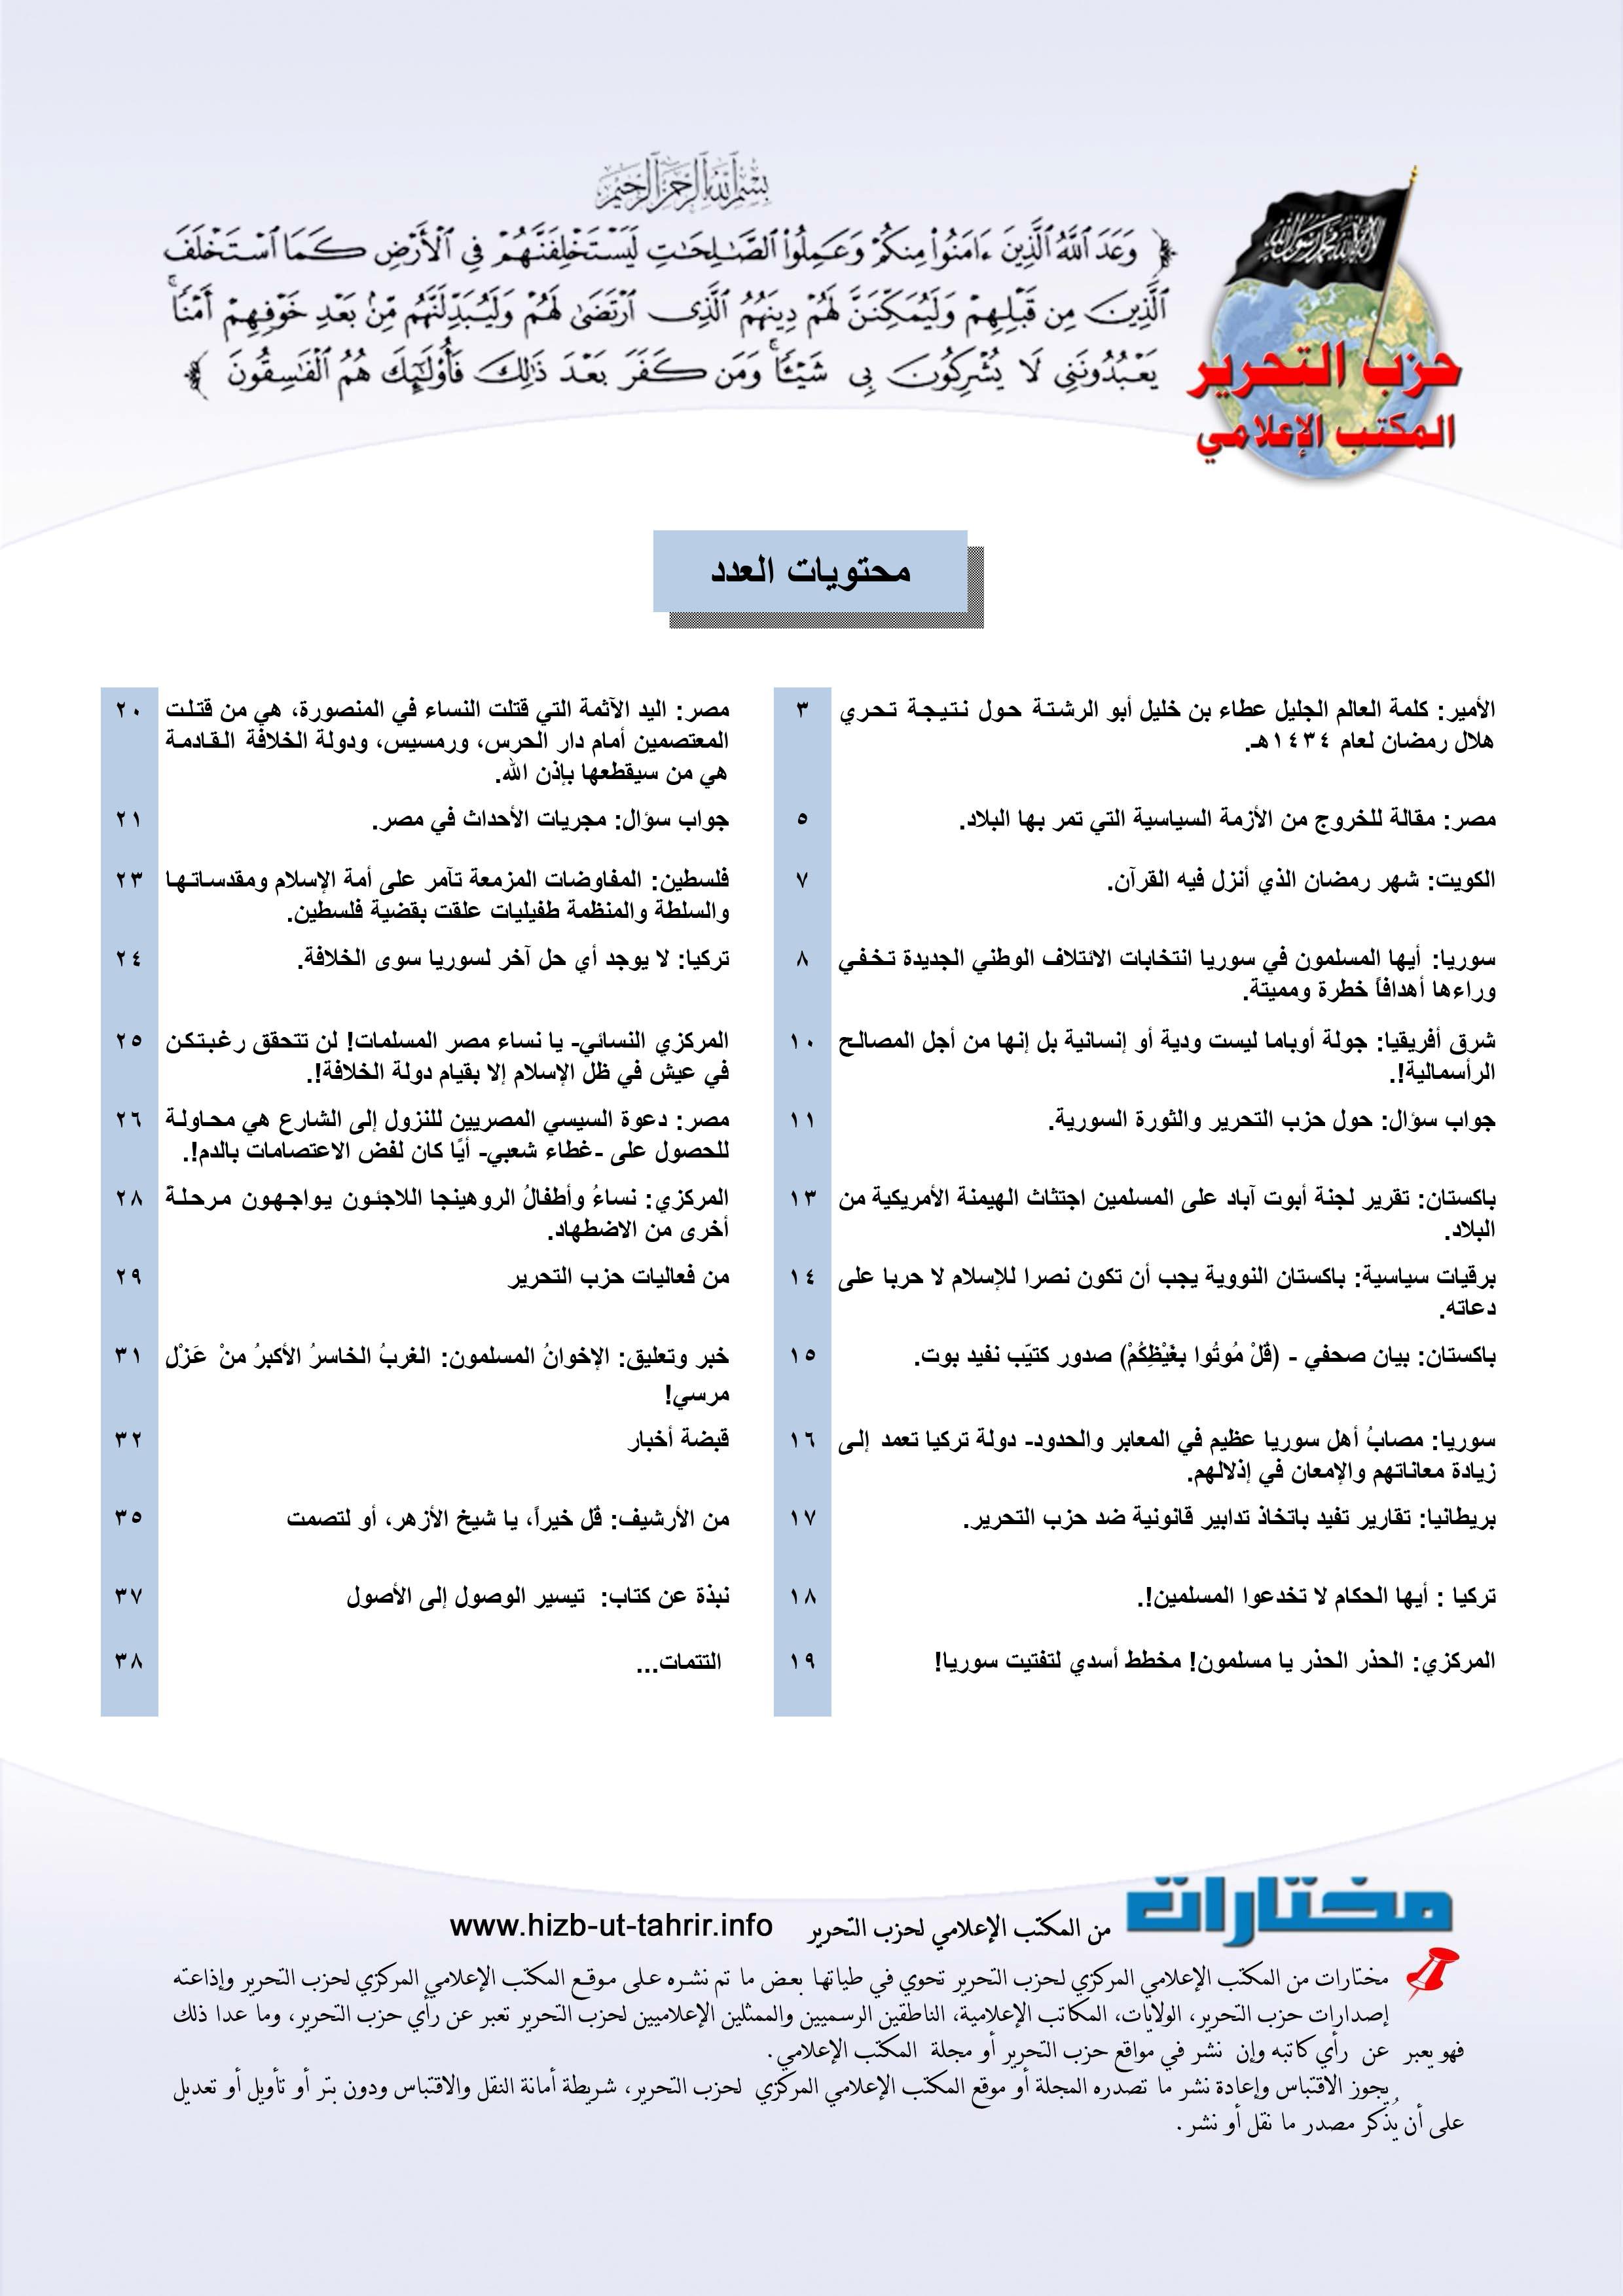 Mokhtarat_60_AR_Fahras.jpg